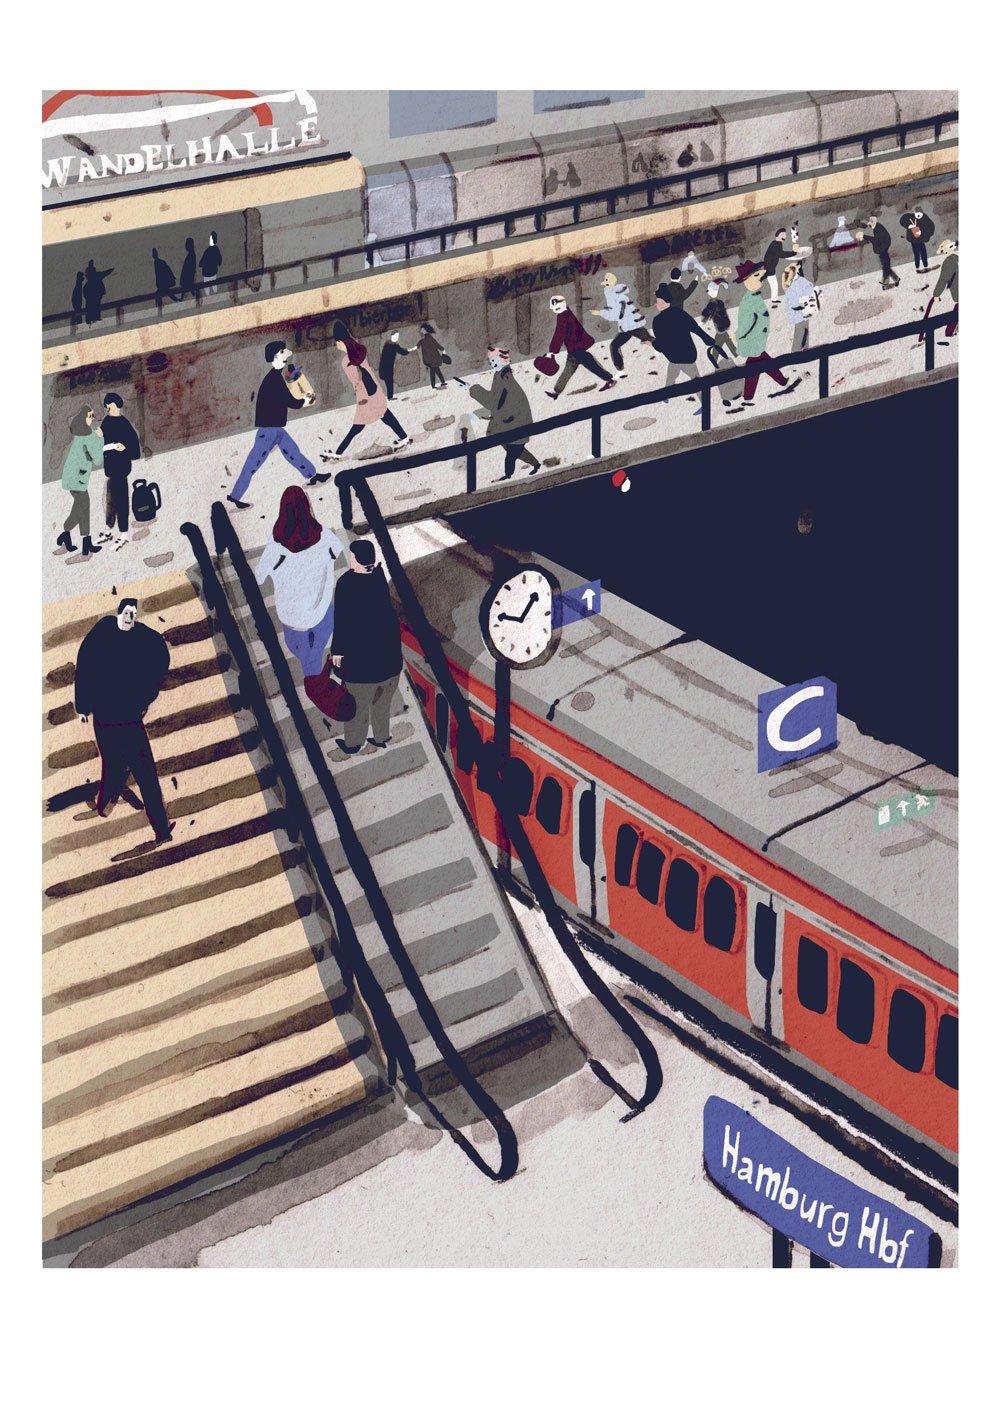 Image of Hamburg Hauptbahnhof